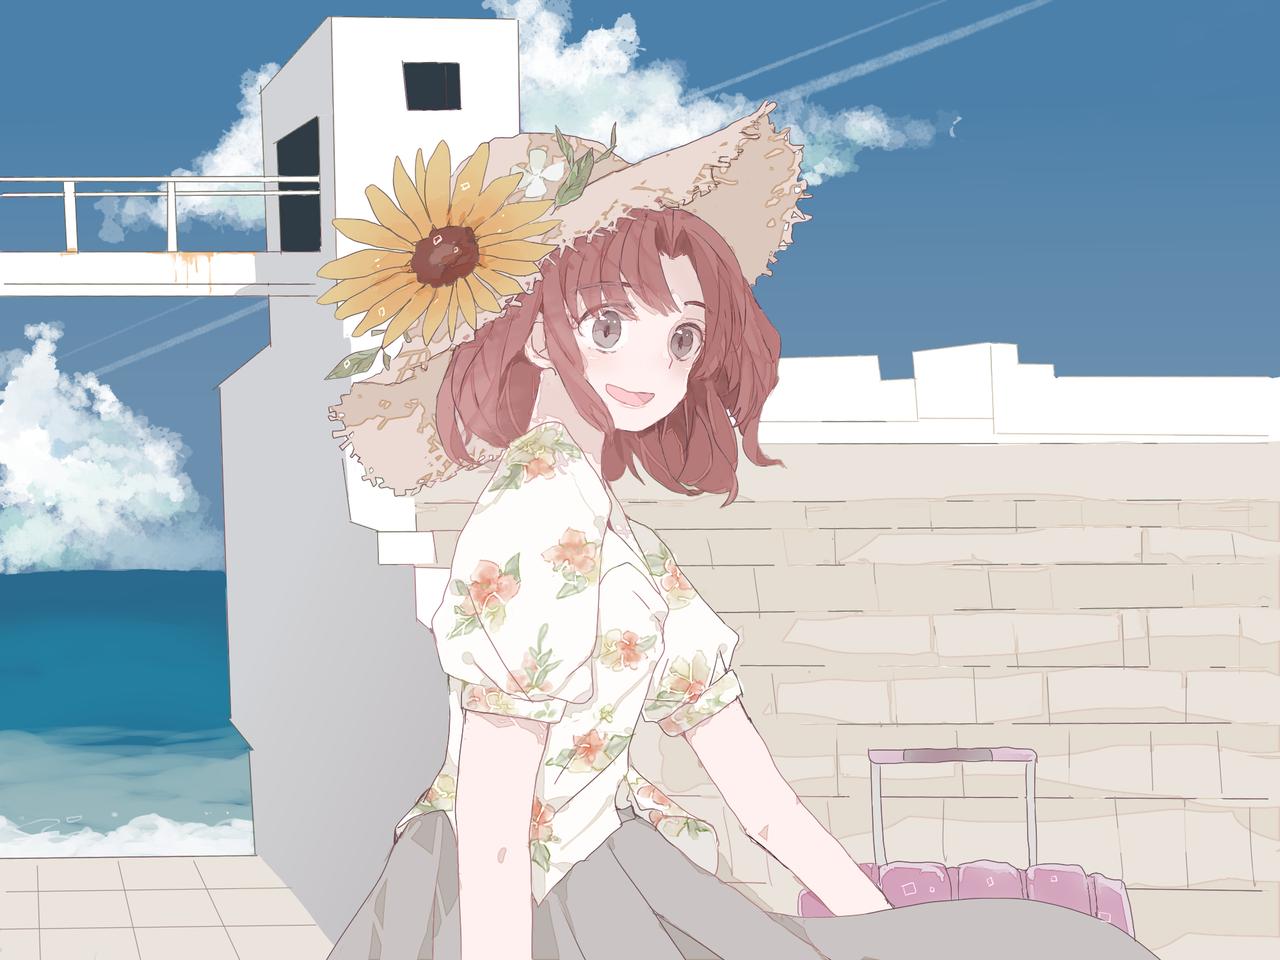 夏の新島 Illust of Nanaco original girl 新島 summer 羽伏浦海岸 sea medibangpaint ひまわり 青空